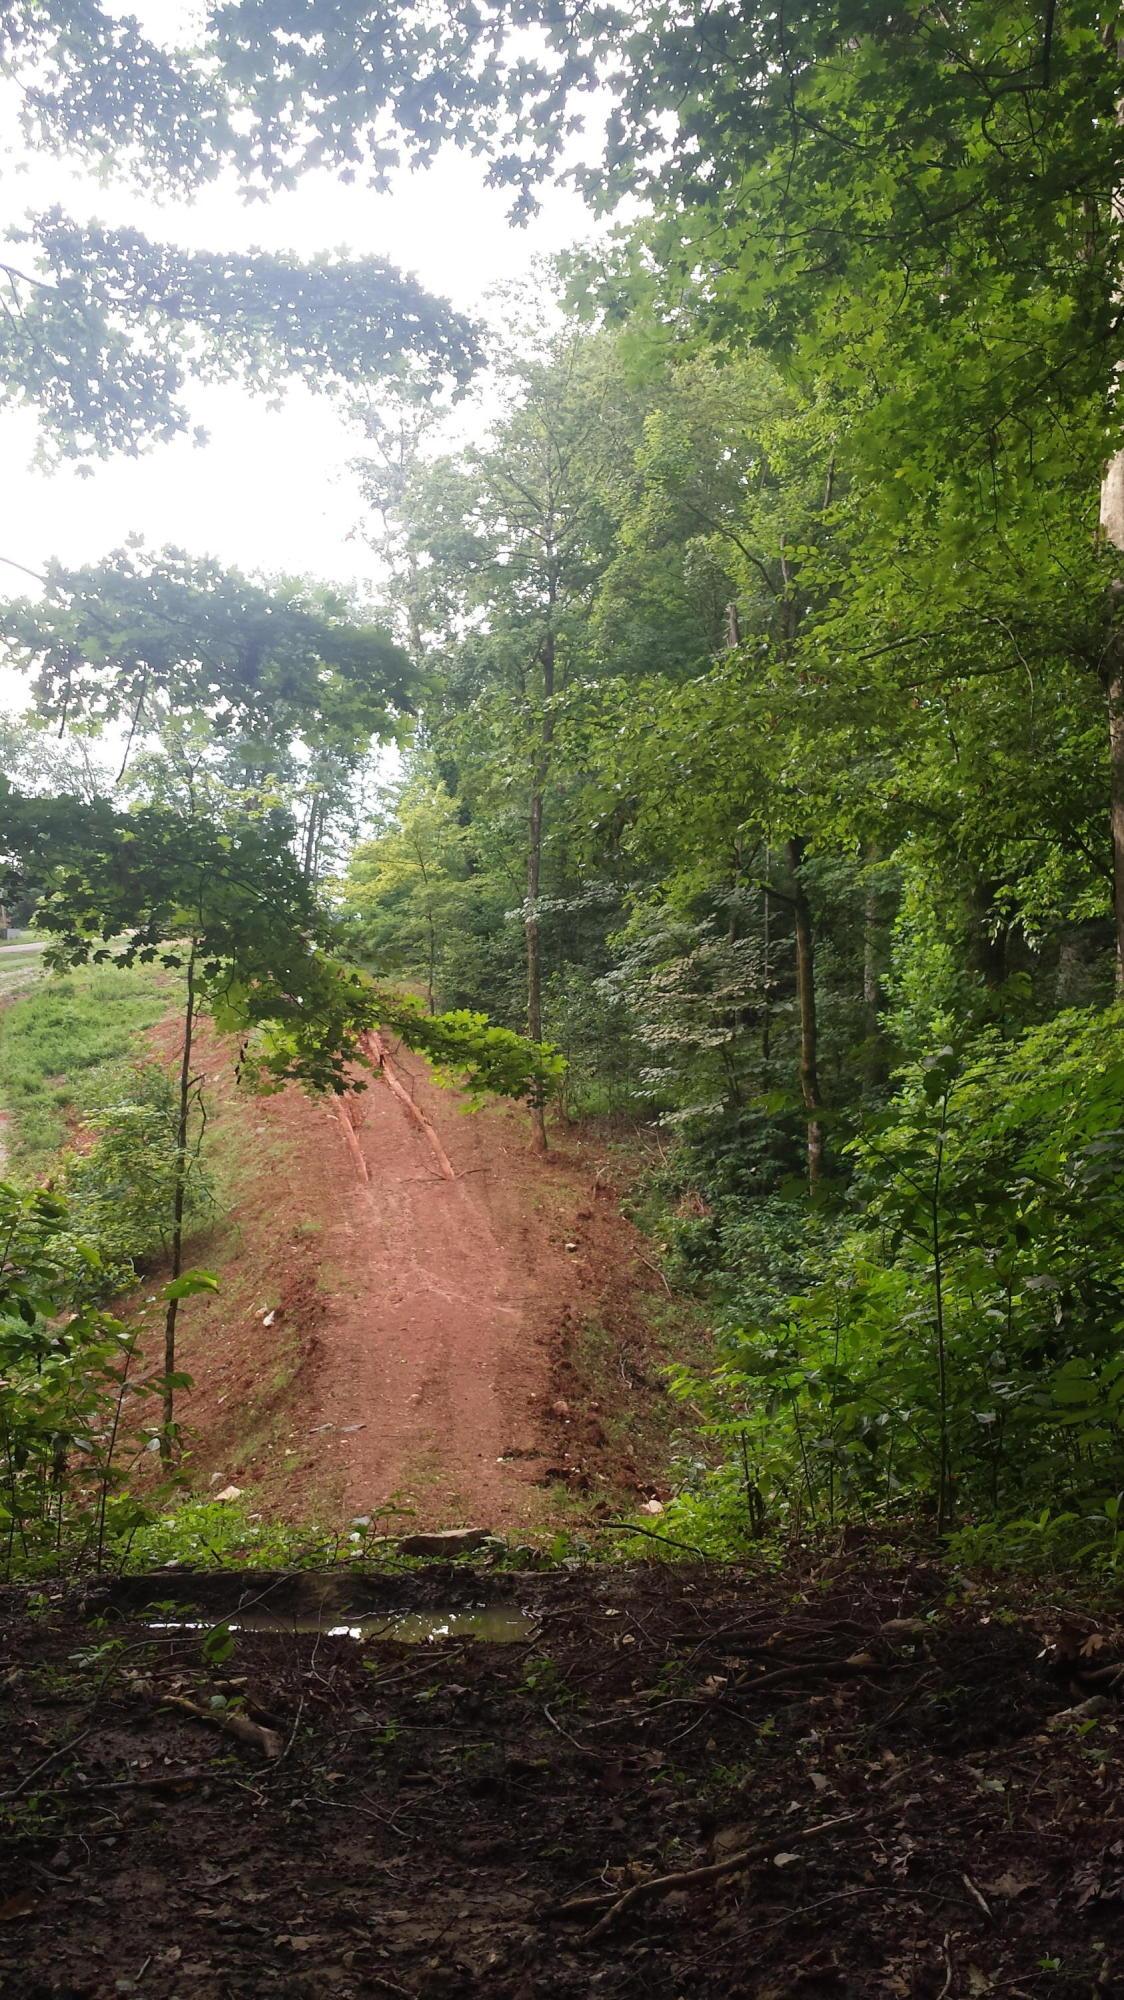 9409 View Point Lane: